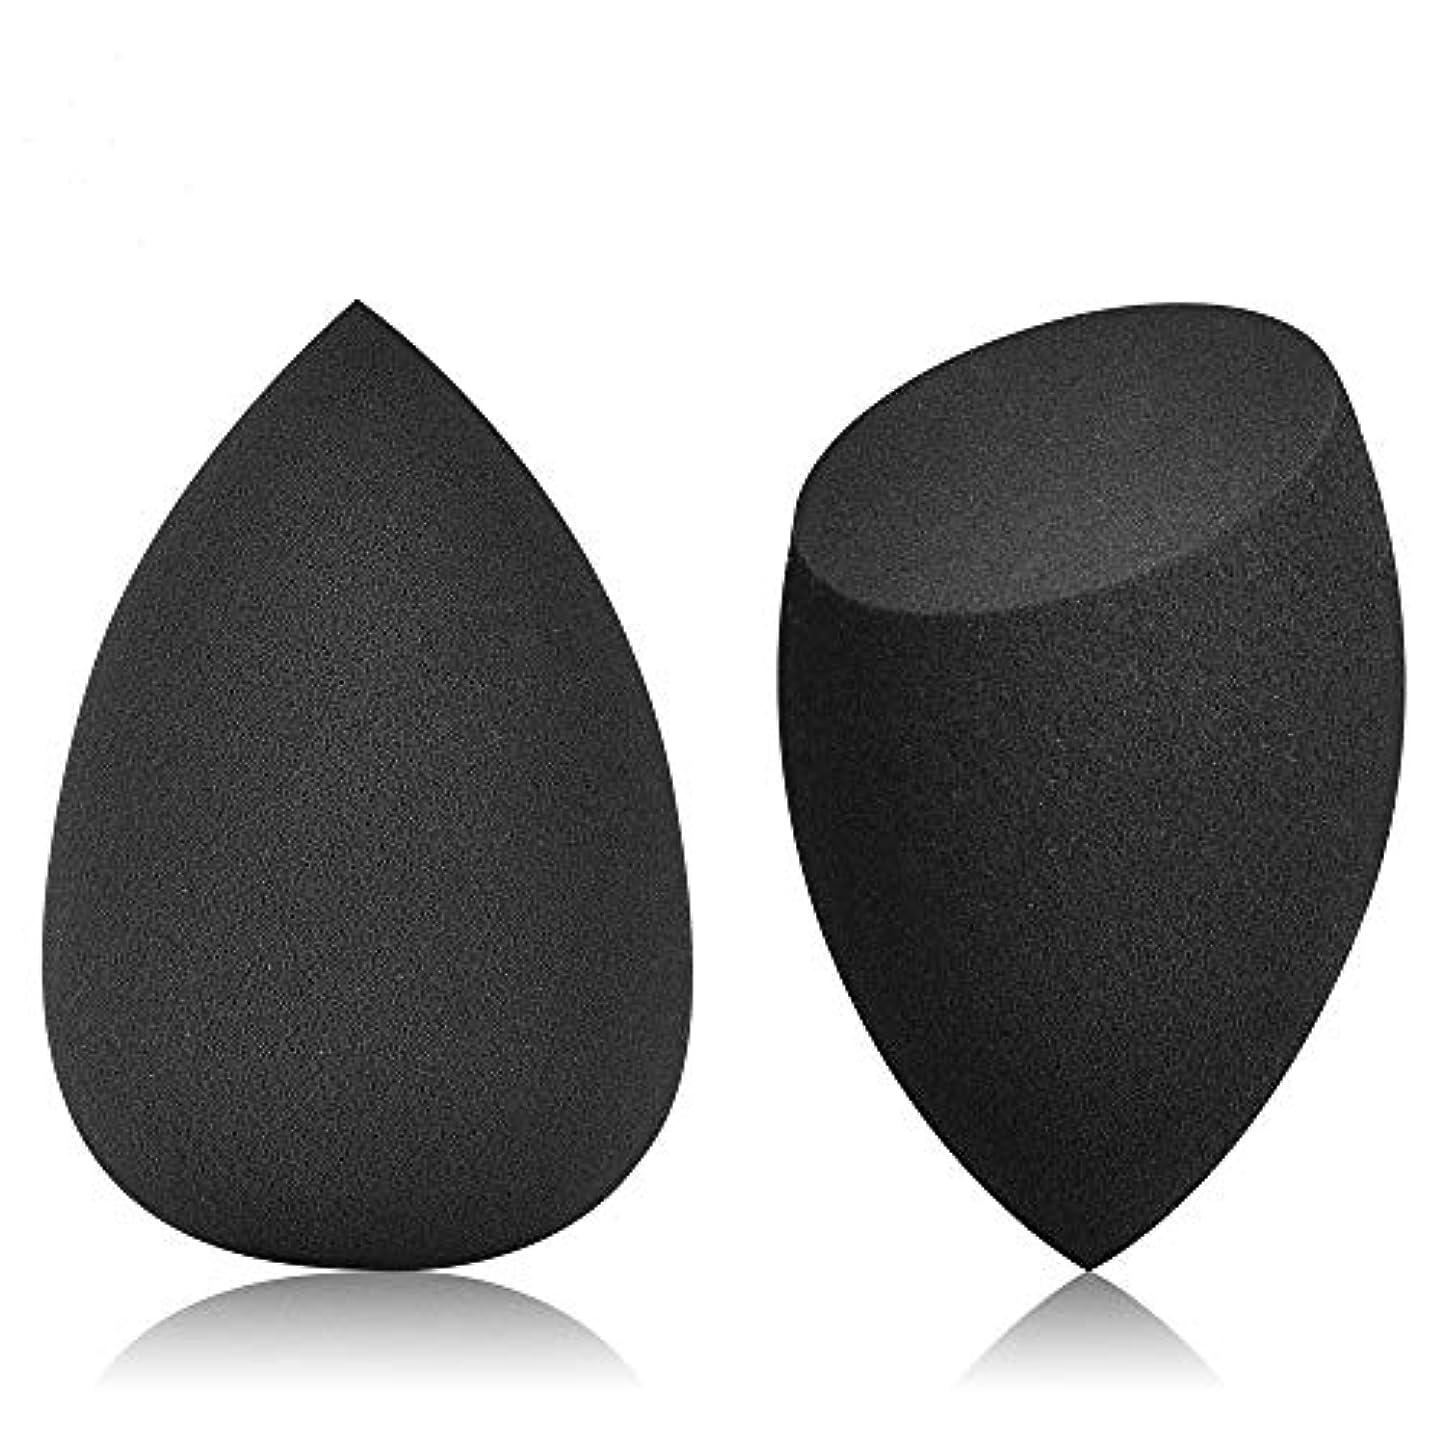 リビングルームせせらぎサーマル(JOLIK)メイクスポンジ 化粧用 多機能パフ 乾湿兼用 親水 涙型&ドロップ切断型 2個セット収納ボックス付き ブラック